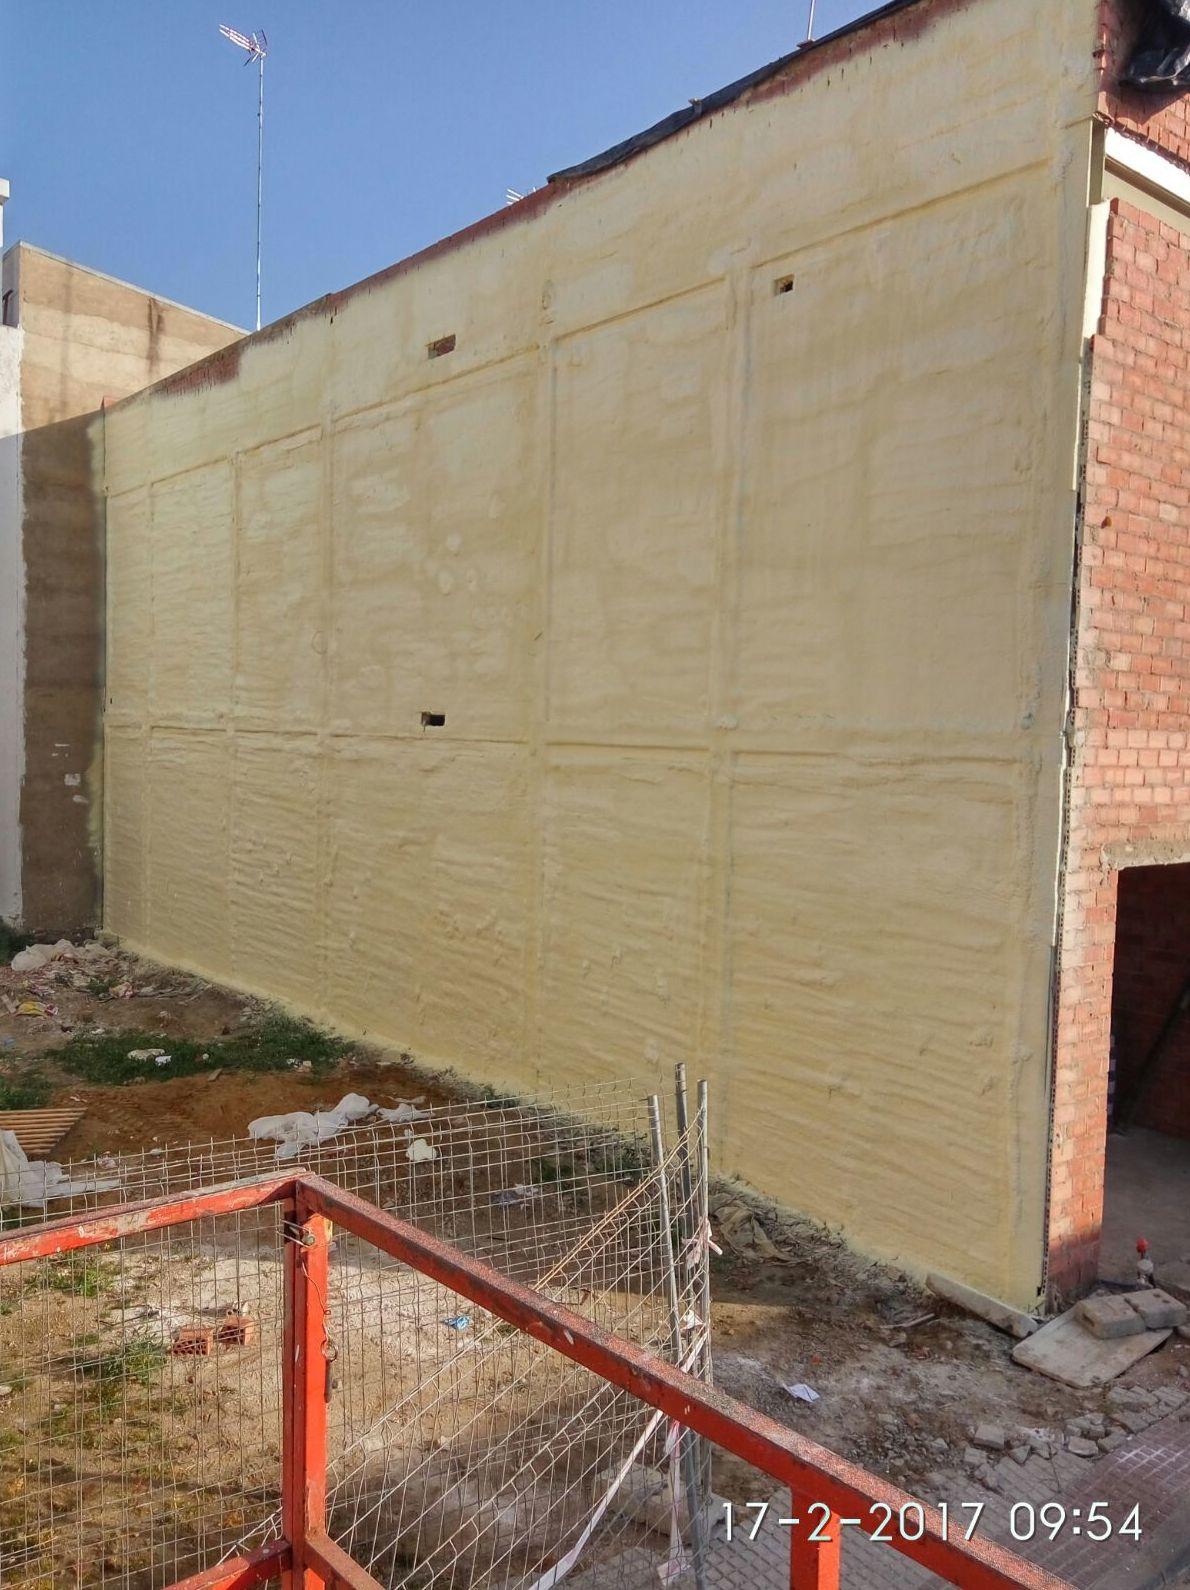 Proyectado de poliuretano en pared medianera